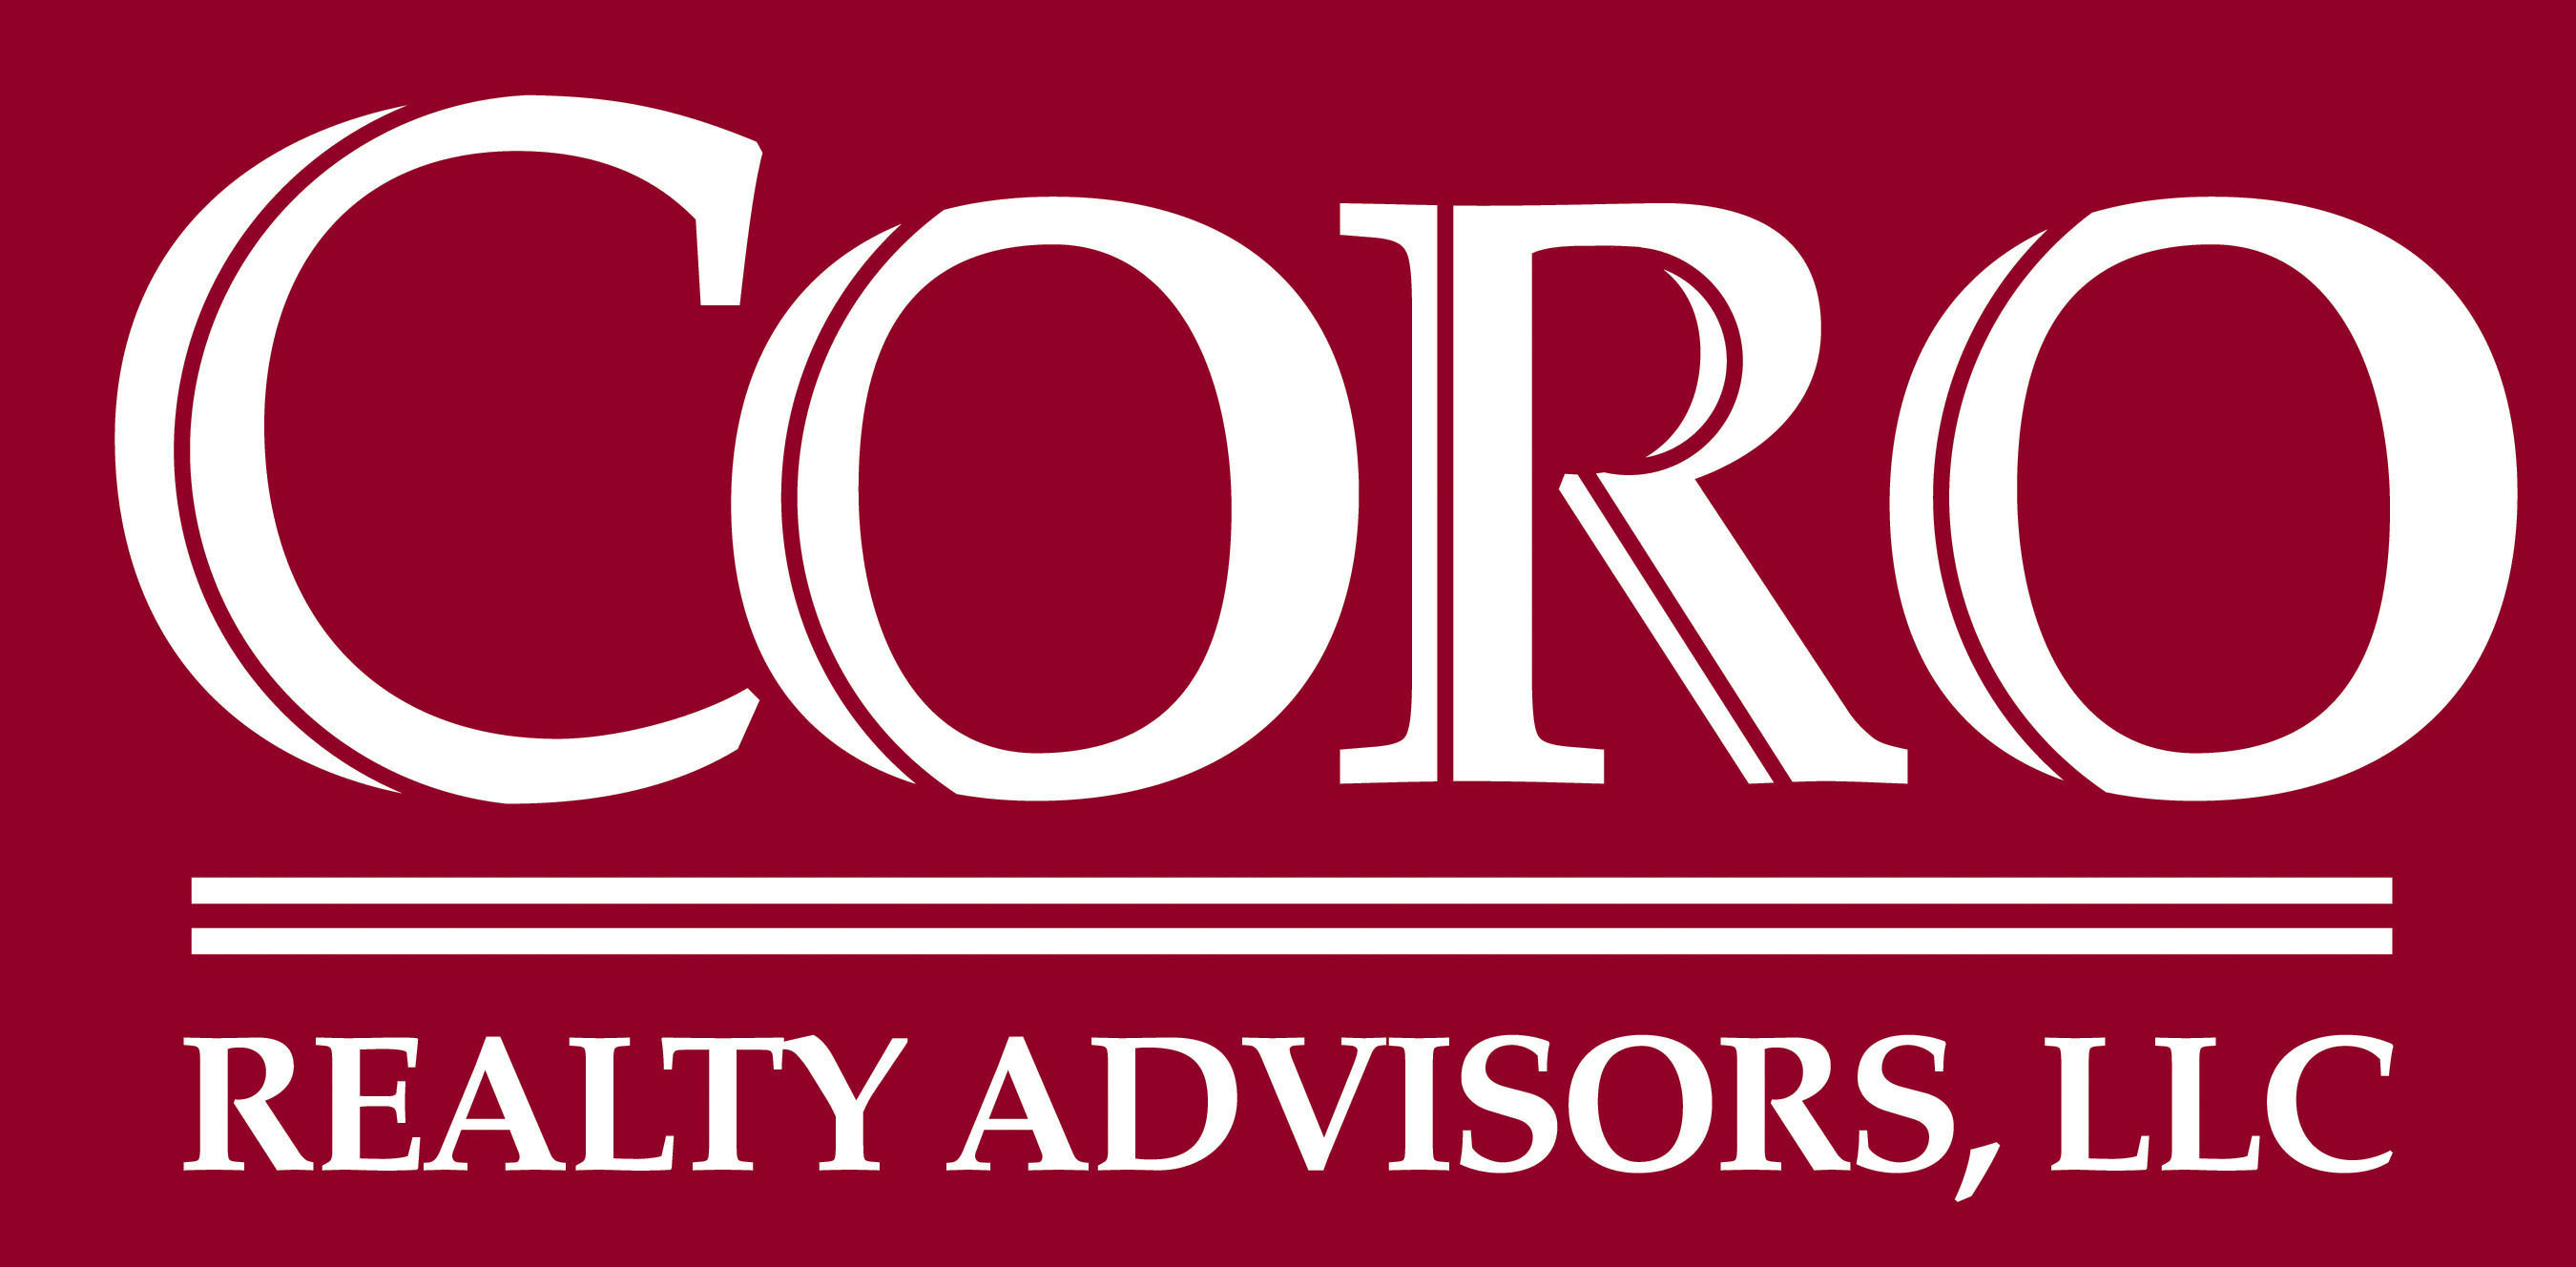 Coro Realty Logo.